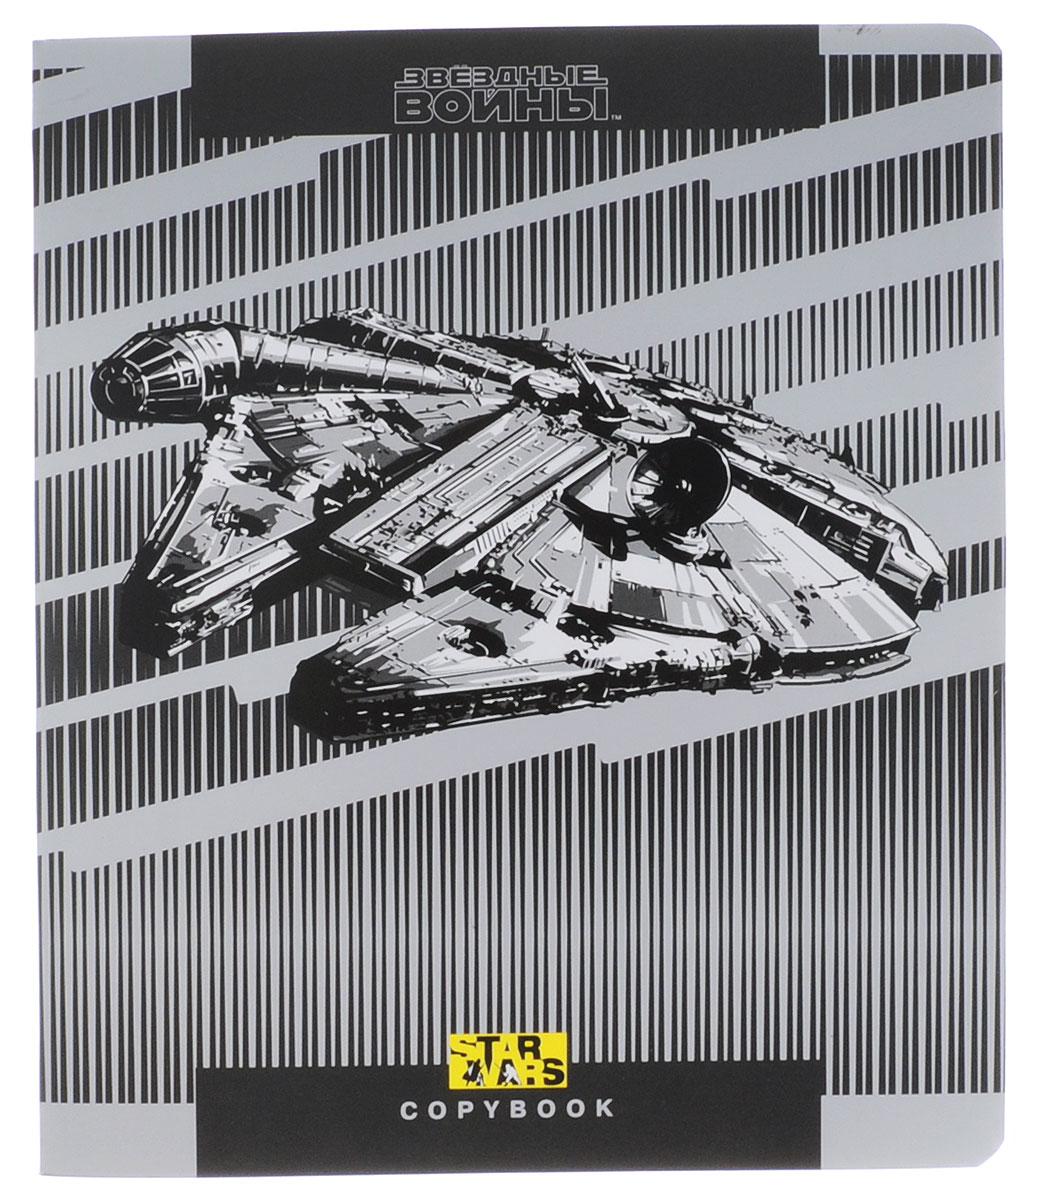 Star Wars Тетрадь 48 листов в клетку дизайн 148Т5В1_15010Тетрадь Star Wars отлично подойдет для занятий школьнику, студенту, а также для различных записей. Обложка, выполненная из ламинированного картона, оформлена изображением космического корабля из культовой фантастической саги Звездные войны. Внутренний блок тетради, соединенный двумя металлическими скрепками, состоит из 48 листов белой бумаги. Стандартная линовка в клетку голубого цвета дополнена полями, совпадающими с лицевой и оборотной стороны листа.